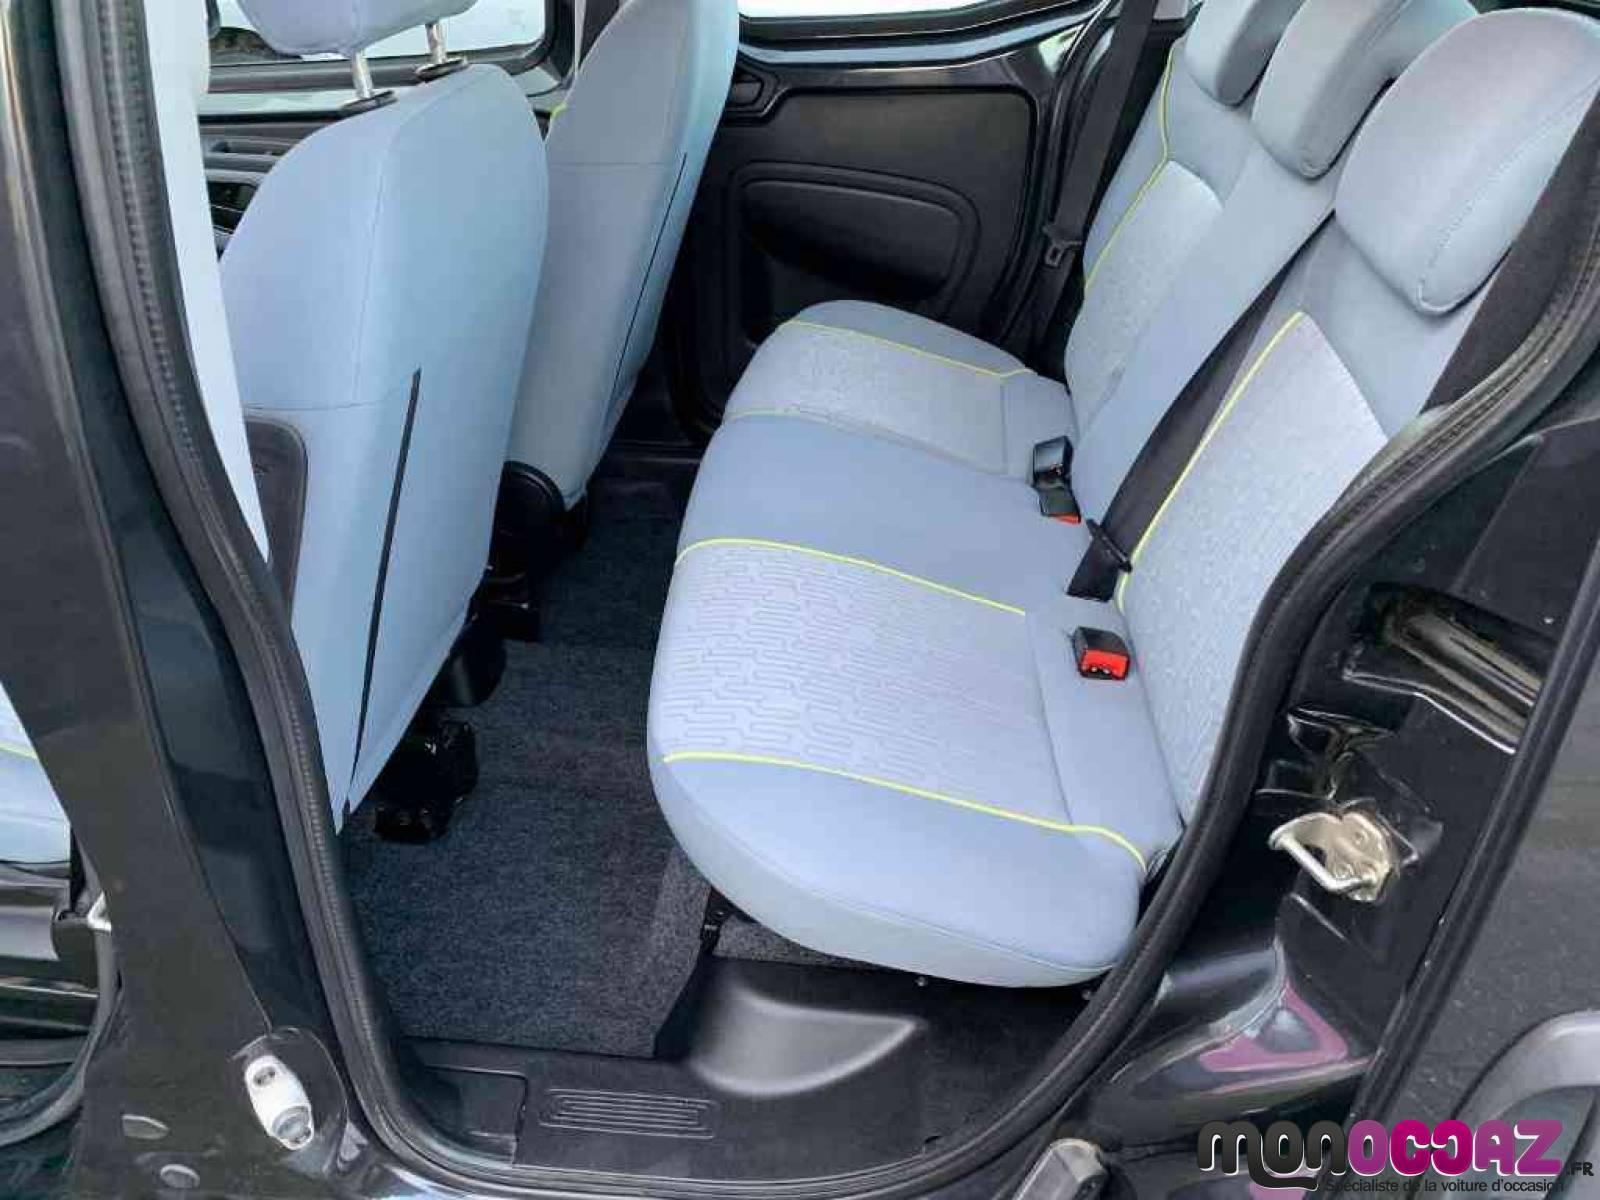 PEUGEOT Bipper Tepee 1.3 HDi 75ch FAP STT BLUE LION - véhicule d'occasion - MonOccaz.fr - MonOccaz.fr - 89140 - Pont-sur-Yonne - 7